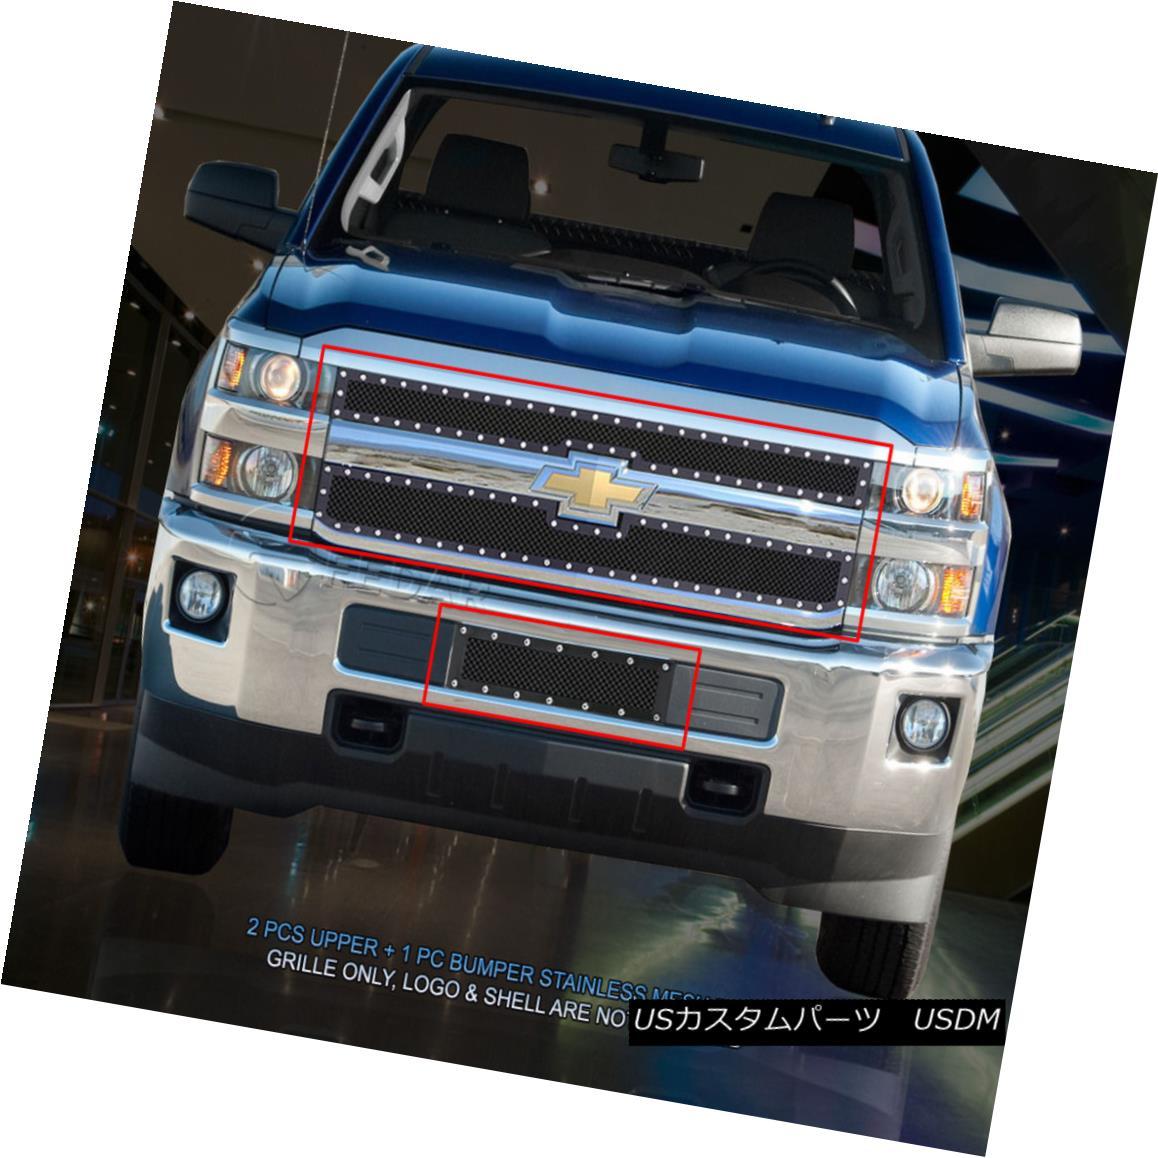 グリル Fits 15-16 Chevy Silverado 2500HD/3500HD Stainless Wire Mesh Grille COMBO Fedar フィット15-16シェビーSilverado 2500HD / 3500HDステンレスワイヤーメッシュグリルCOMBO Fedar